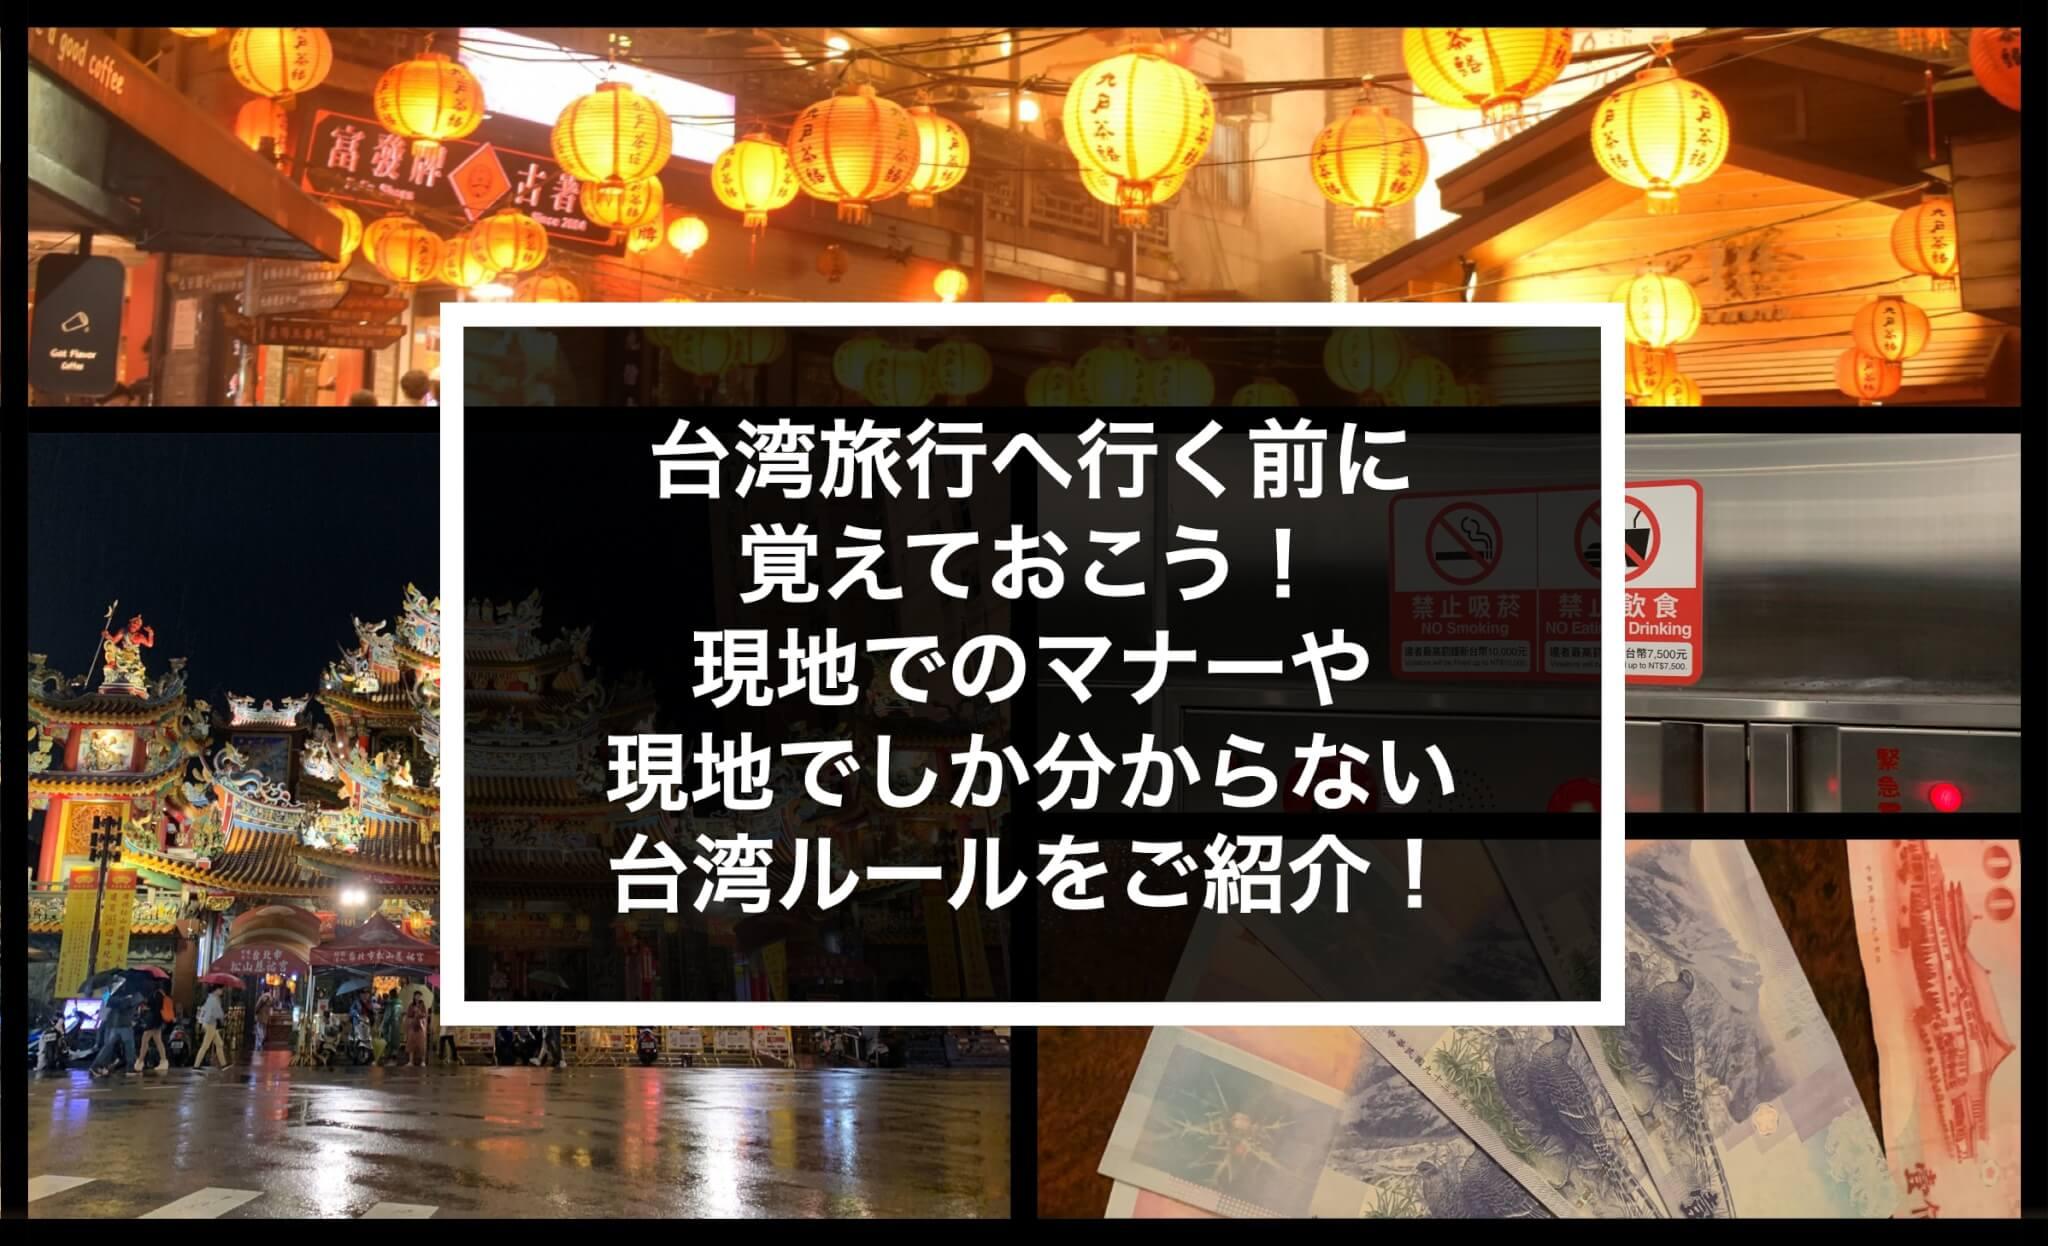 【台湾/台北】現地でのマナーは?盗難などの危険性は?台湾旅行へ行く前に知っててほしい台湾ルールをご紹介!